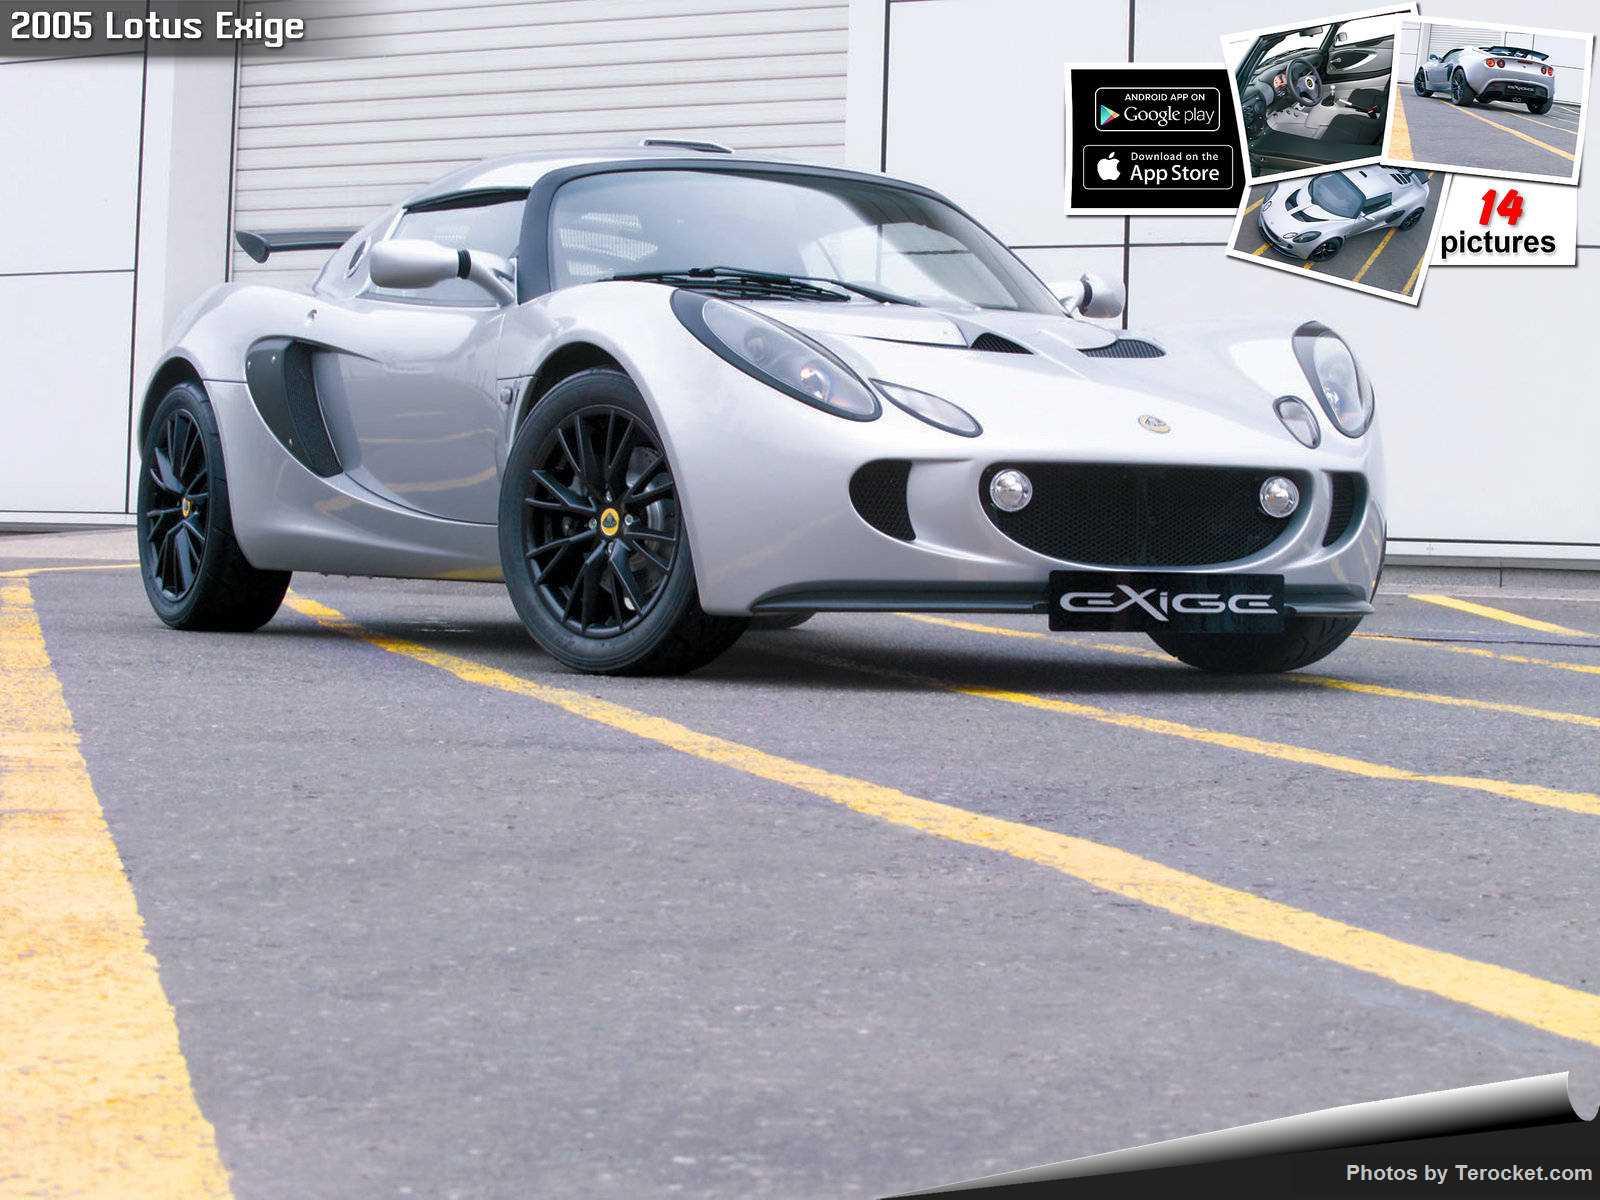 Hình ảnh siêu xe Lotus Exige 2005 & nội ngoại thất